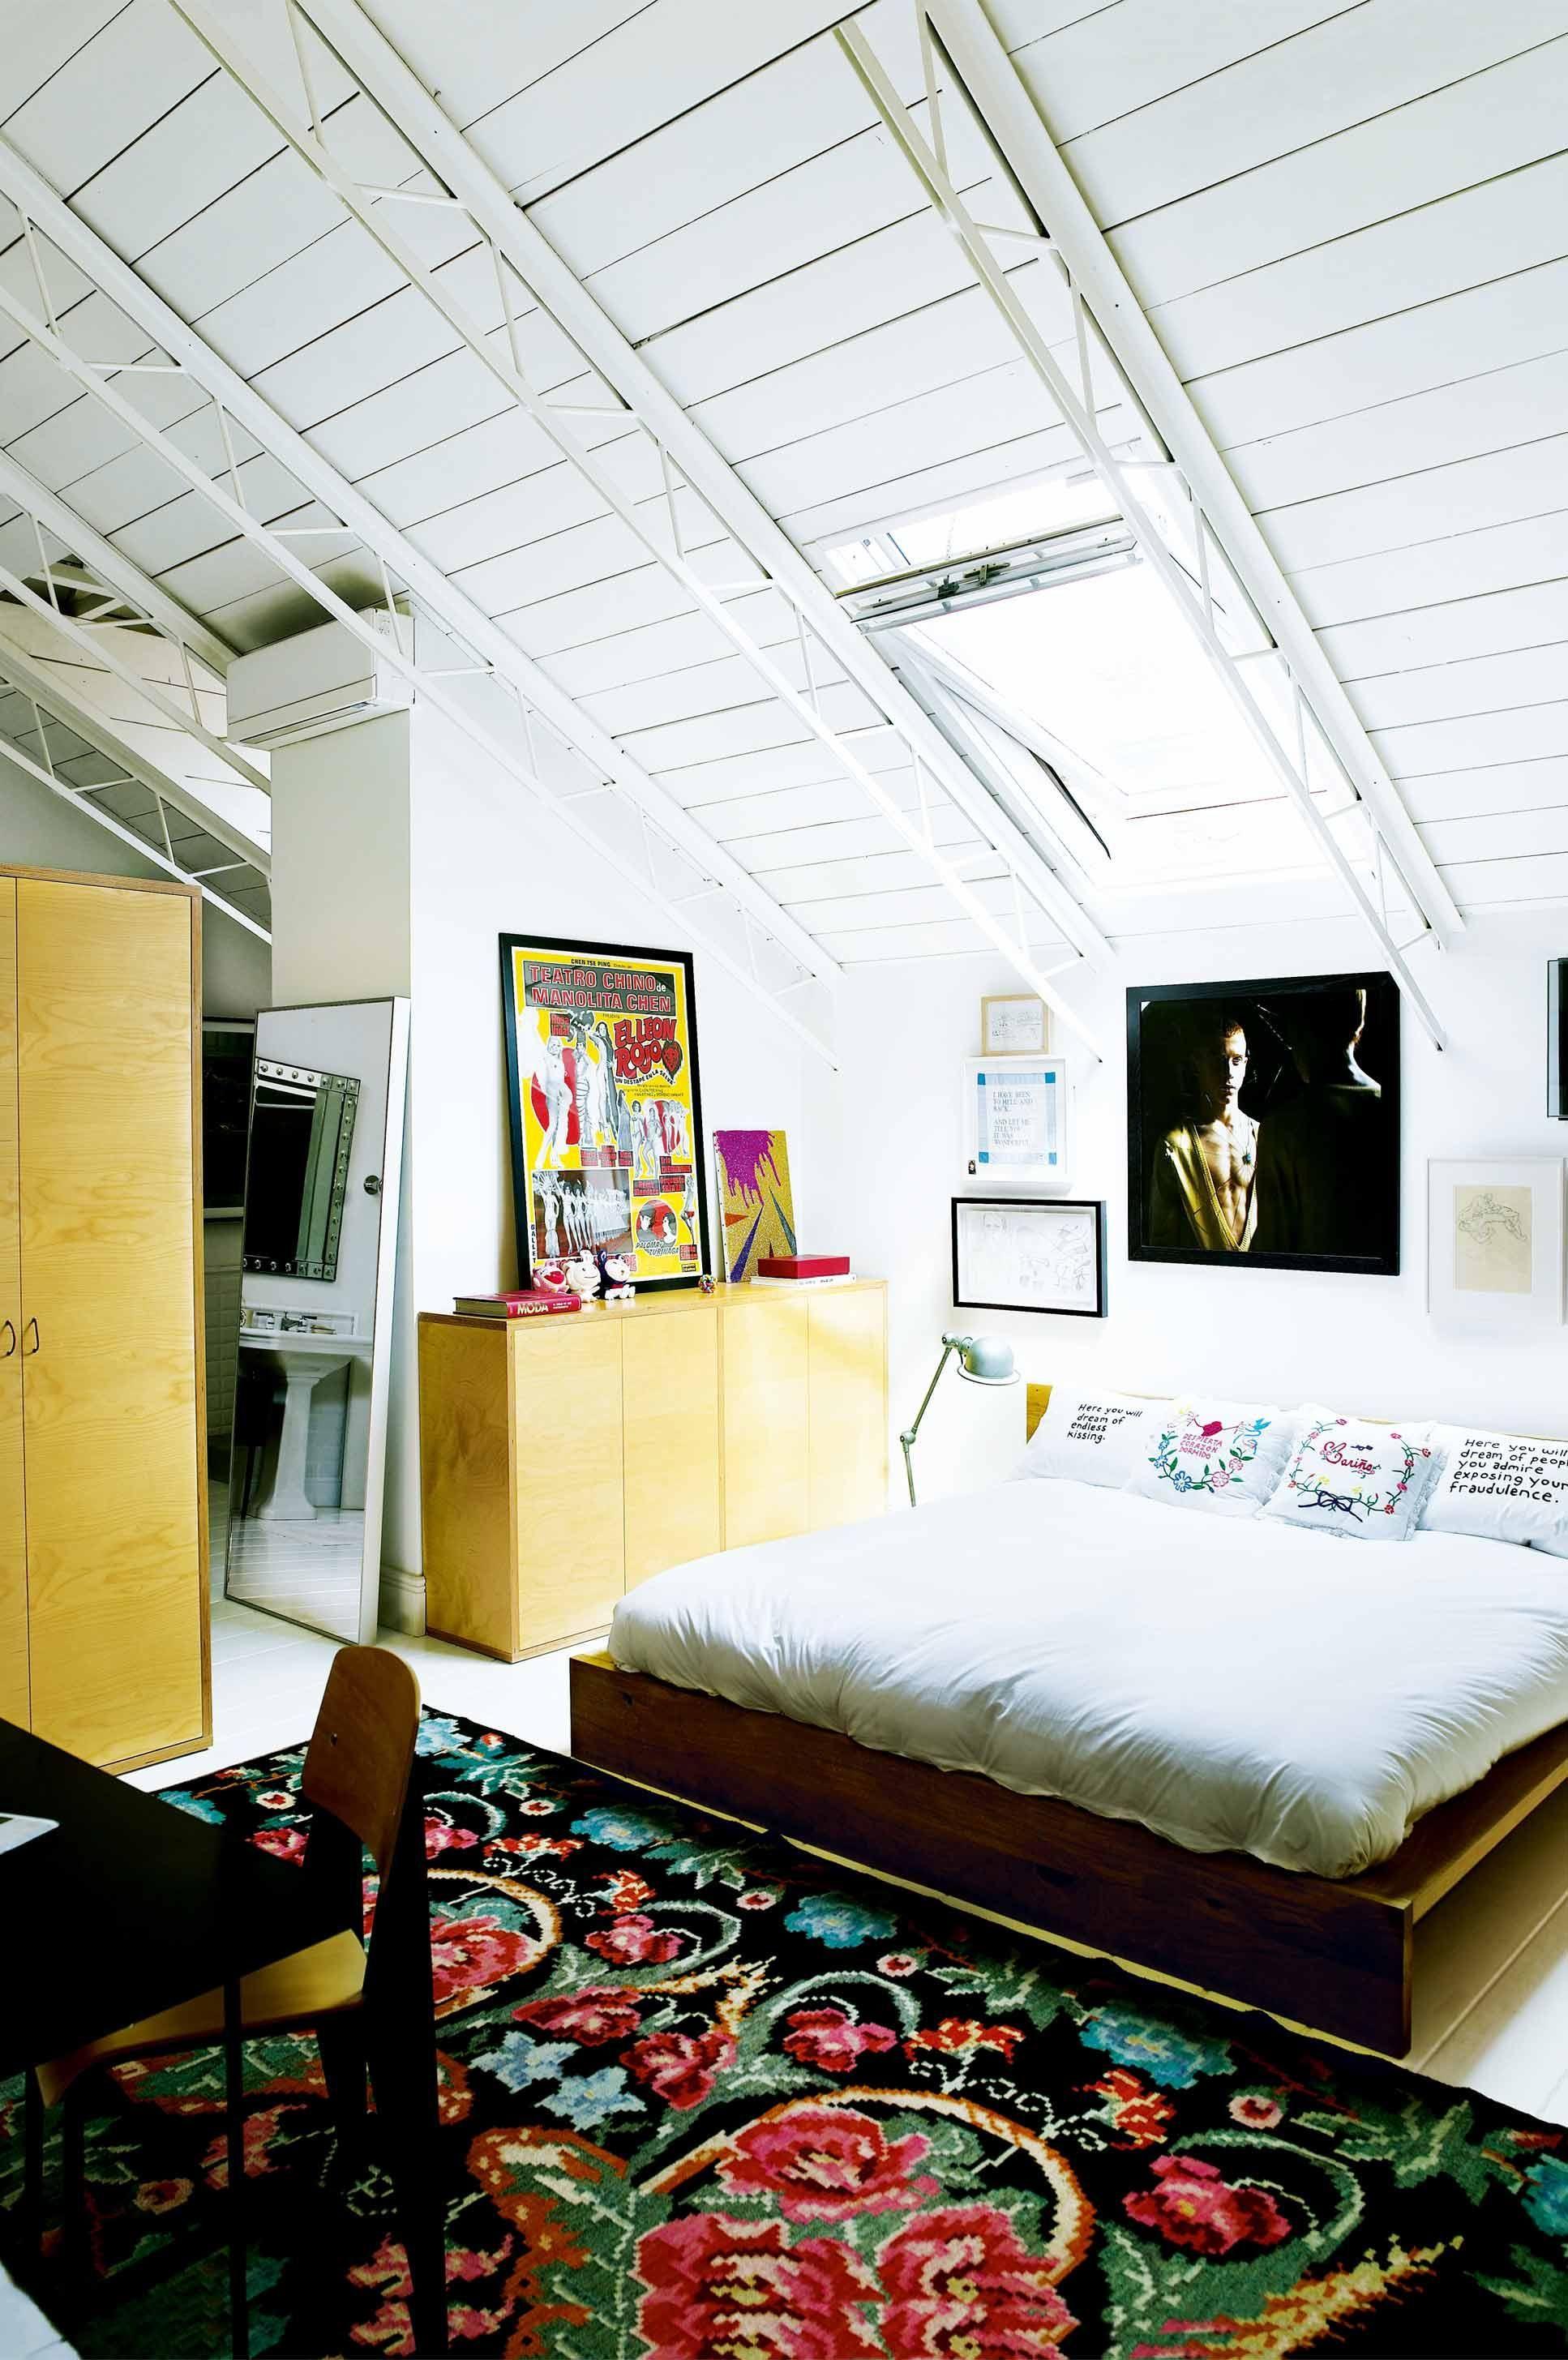 Loft bedroom style  industrialloftstylebedroomjun  home  Pinterest  Loft style